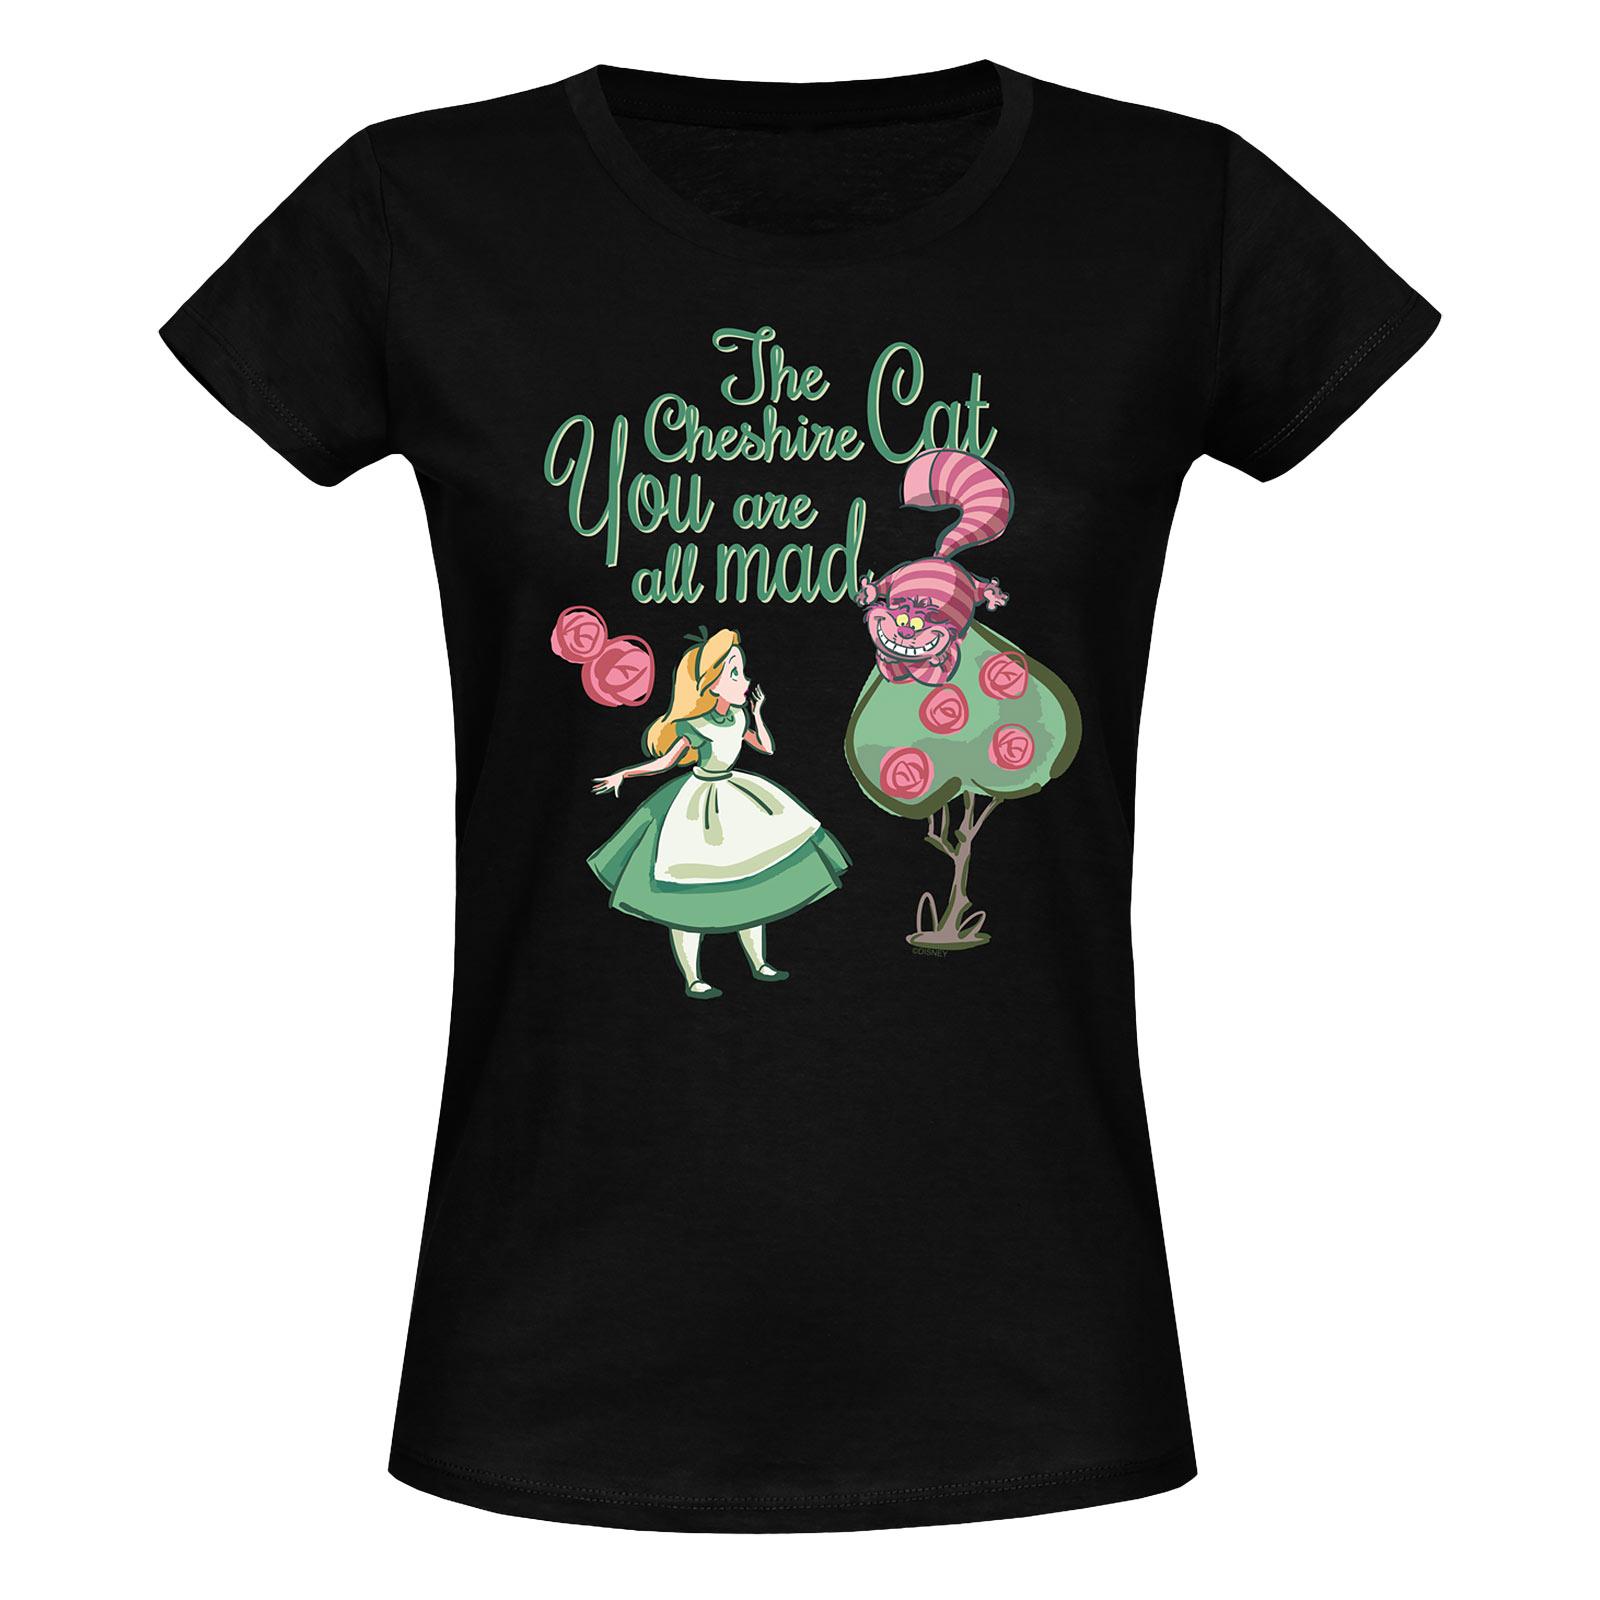 Alice im Wunderland - All Mad T-Shirt Damen schwarz